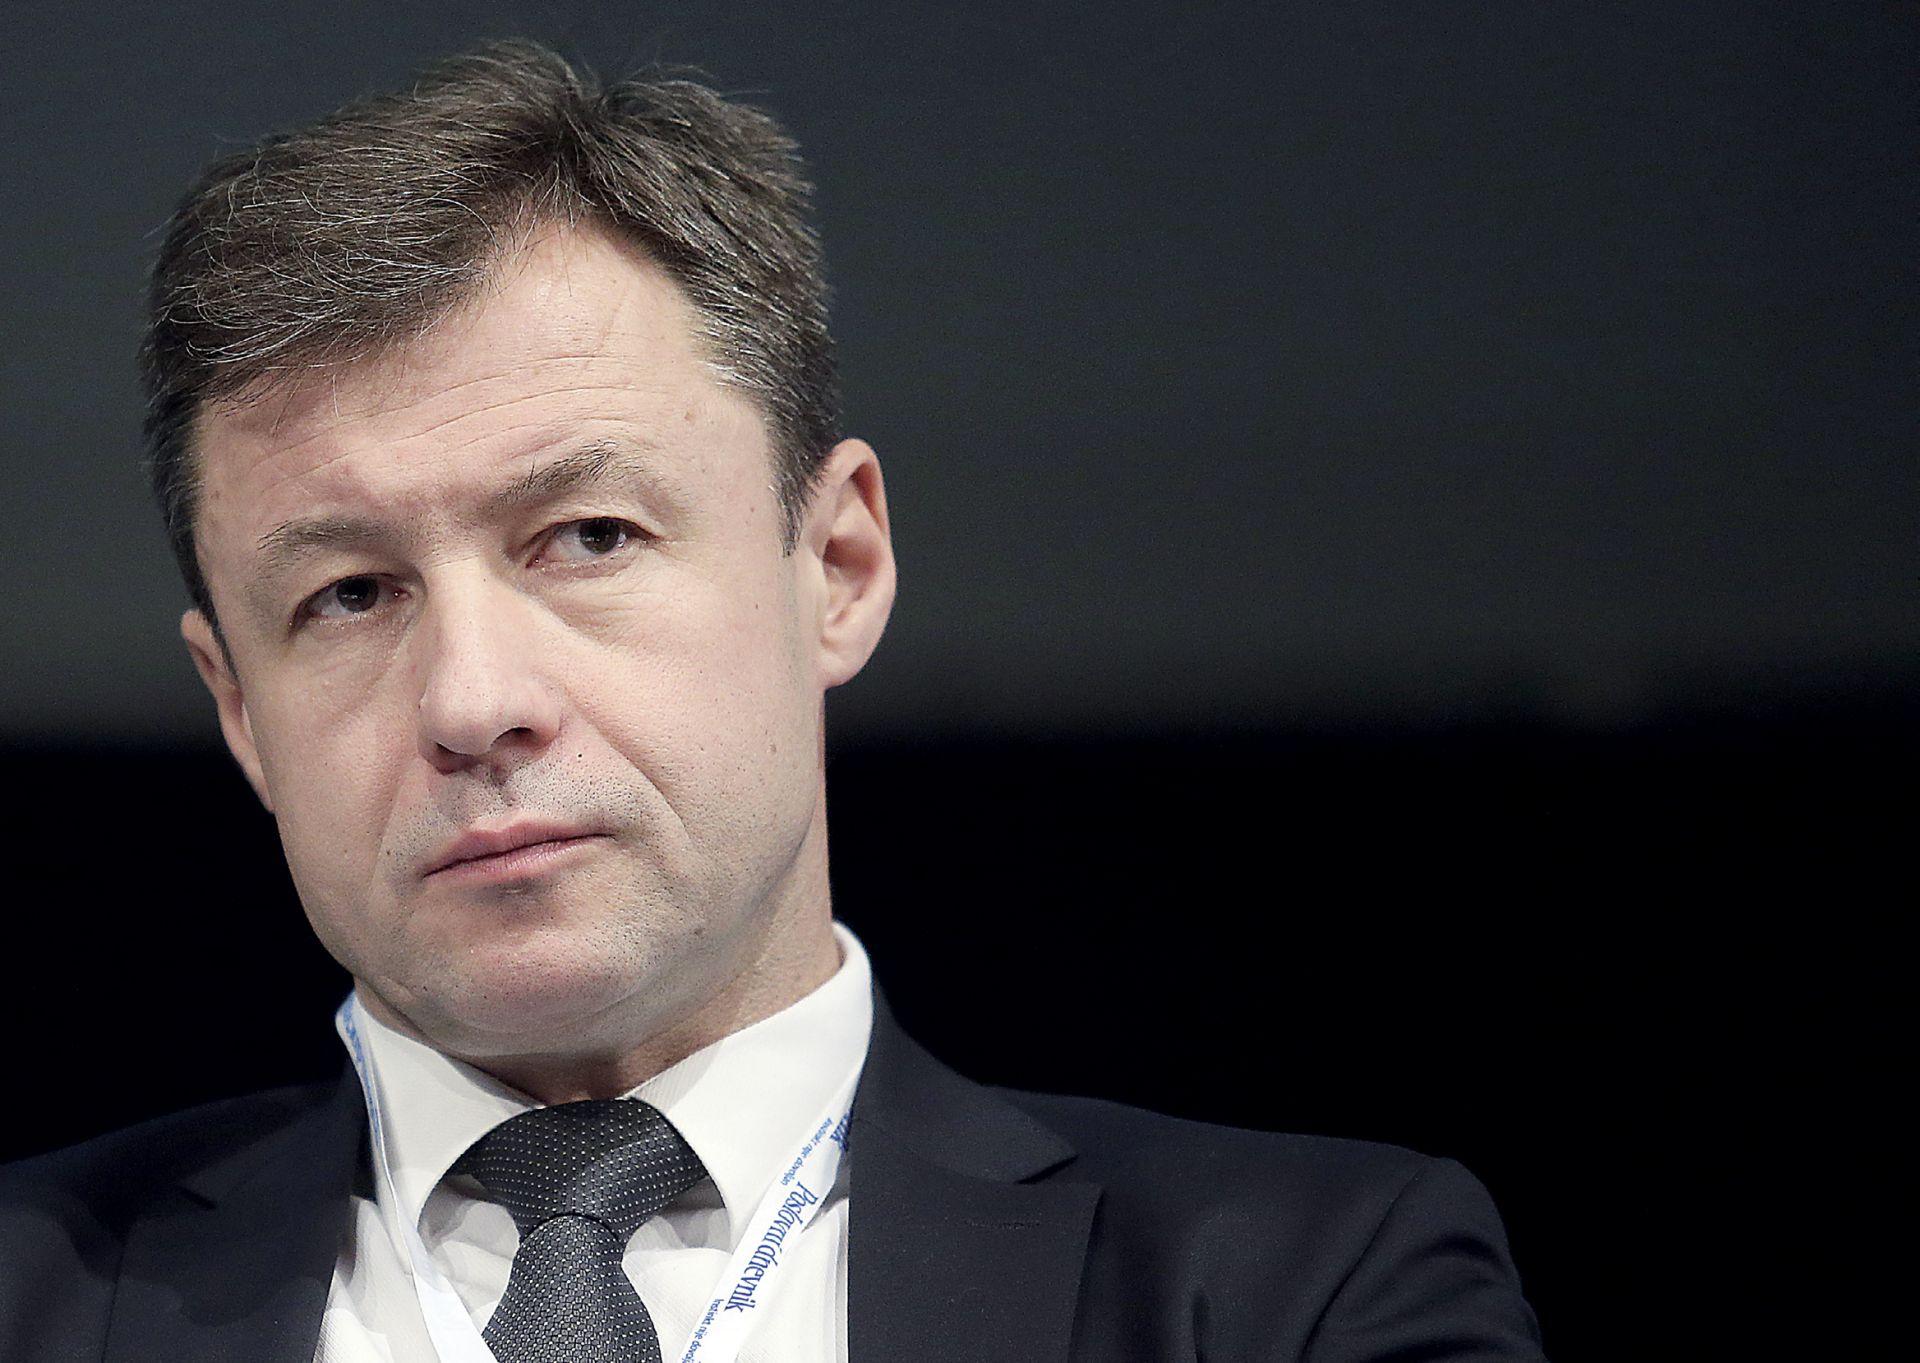 'Na osam javnih nabava HEP 'napumpao' cijenu za 121 milijun kuna'